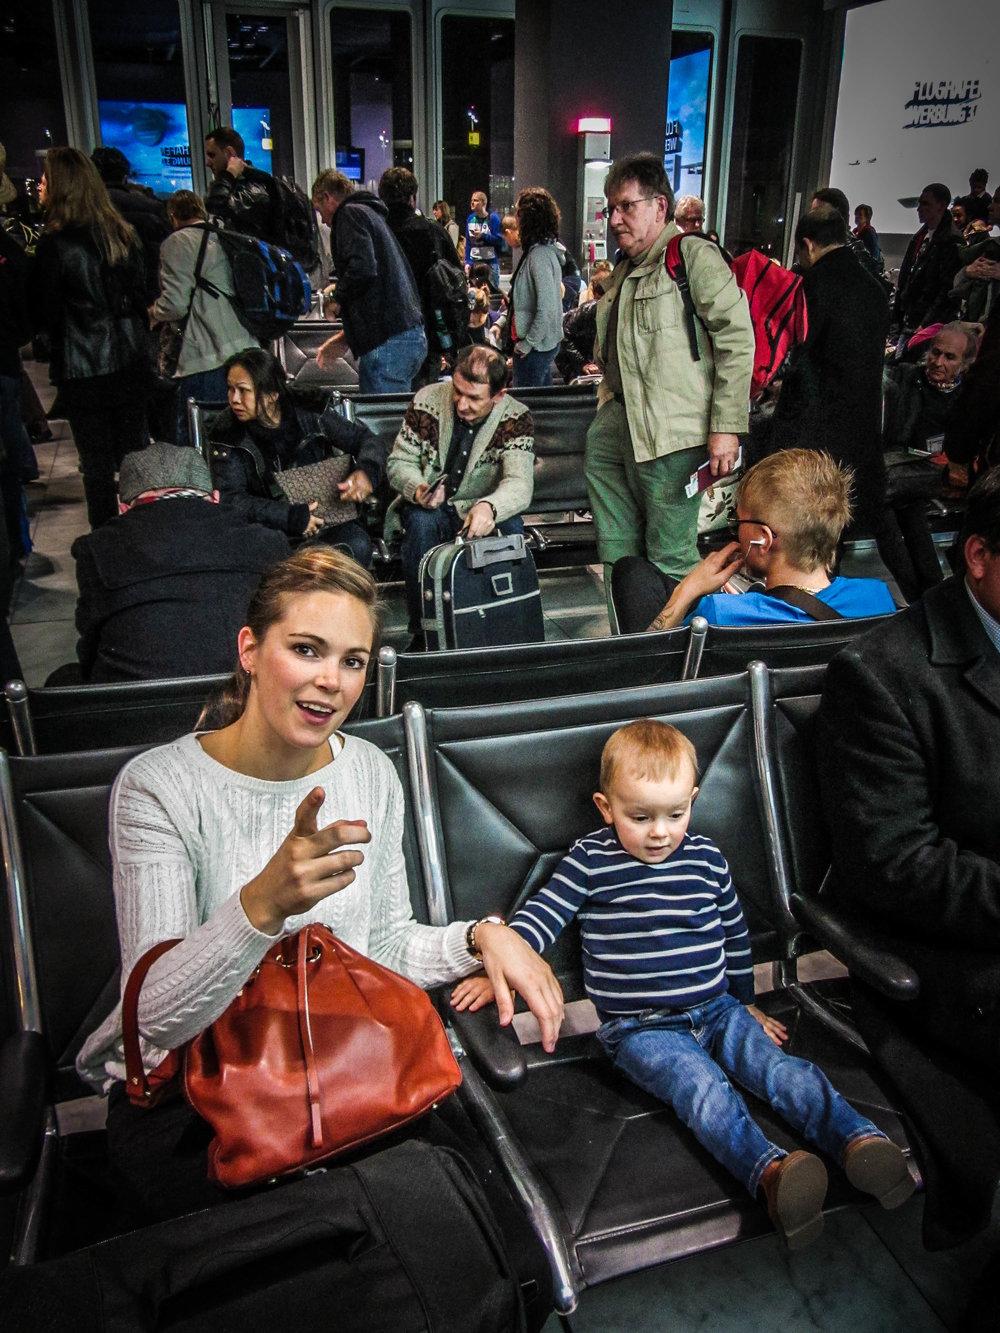 Reizen_met_kinderen_abu_Dhabi-0028.jpg